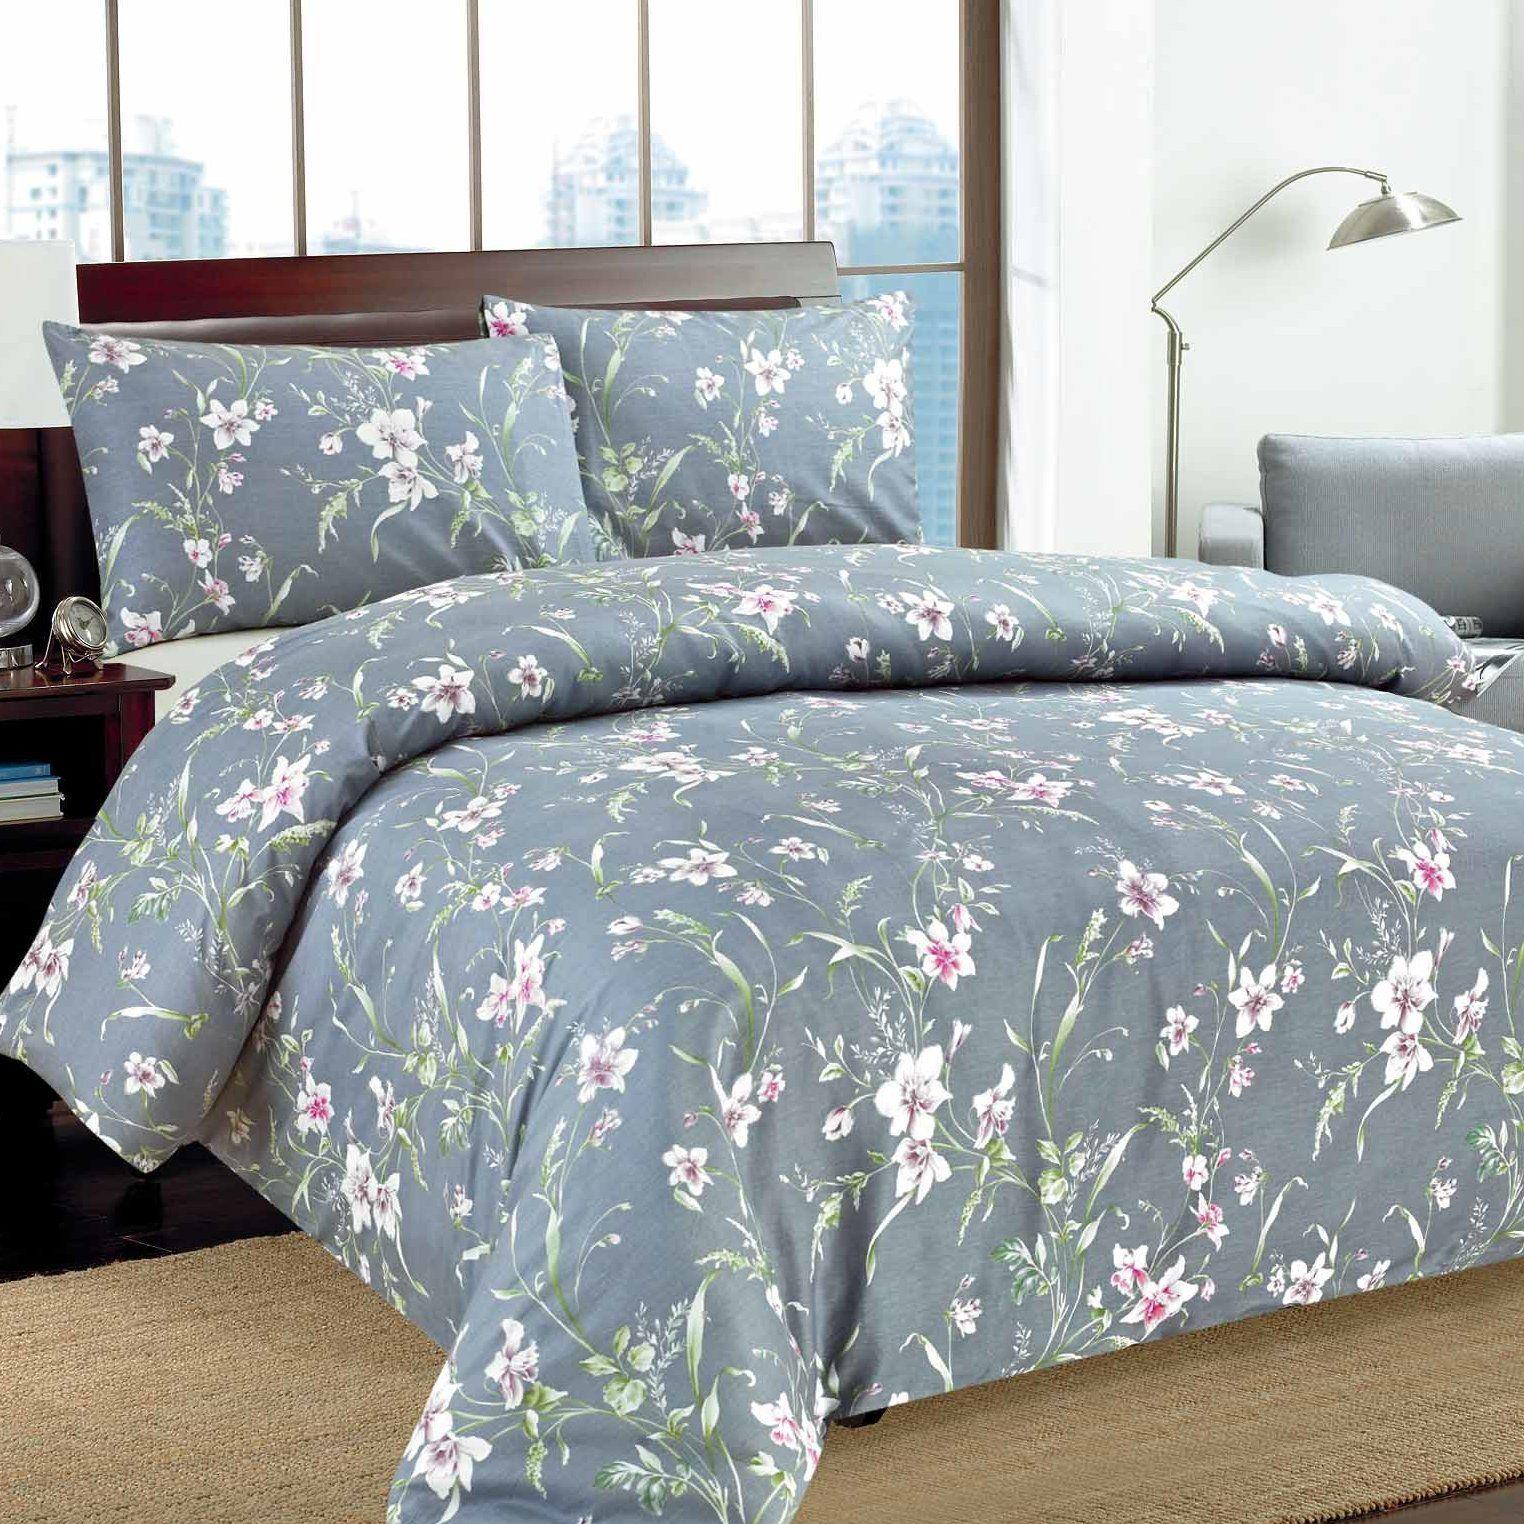 Cherry Blossom Duvet Cover Set Duvet cover sets, Duvet